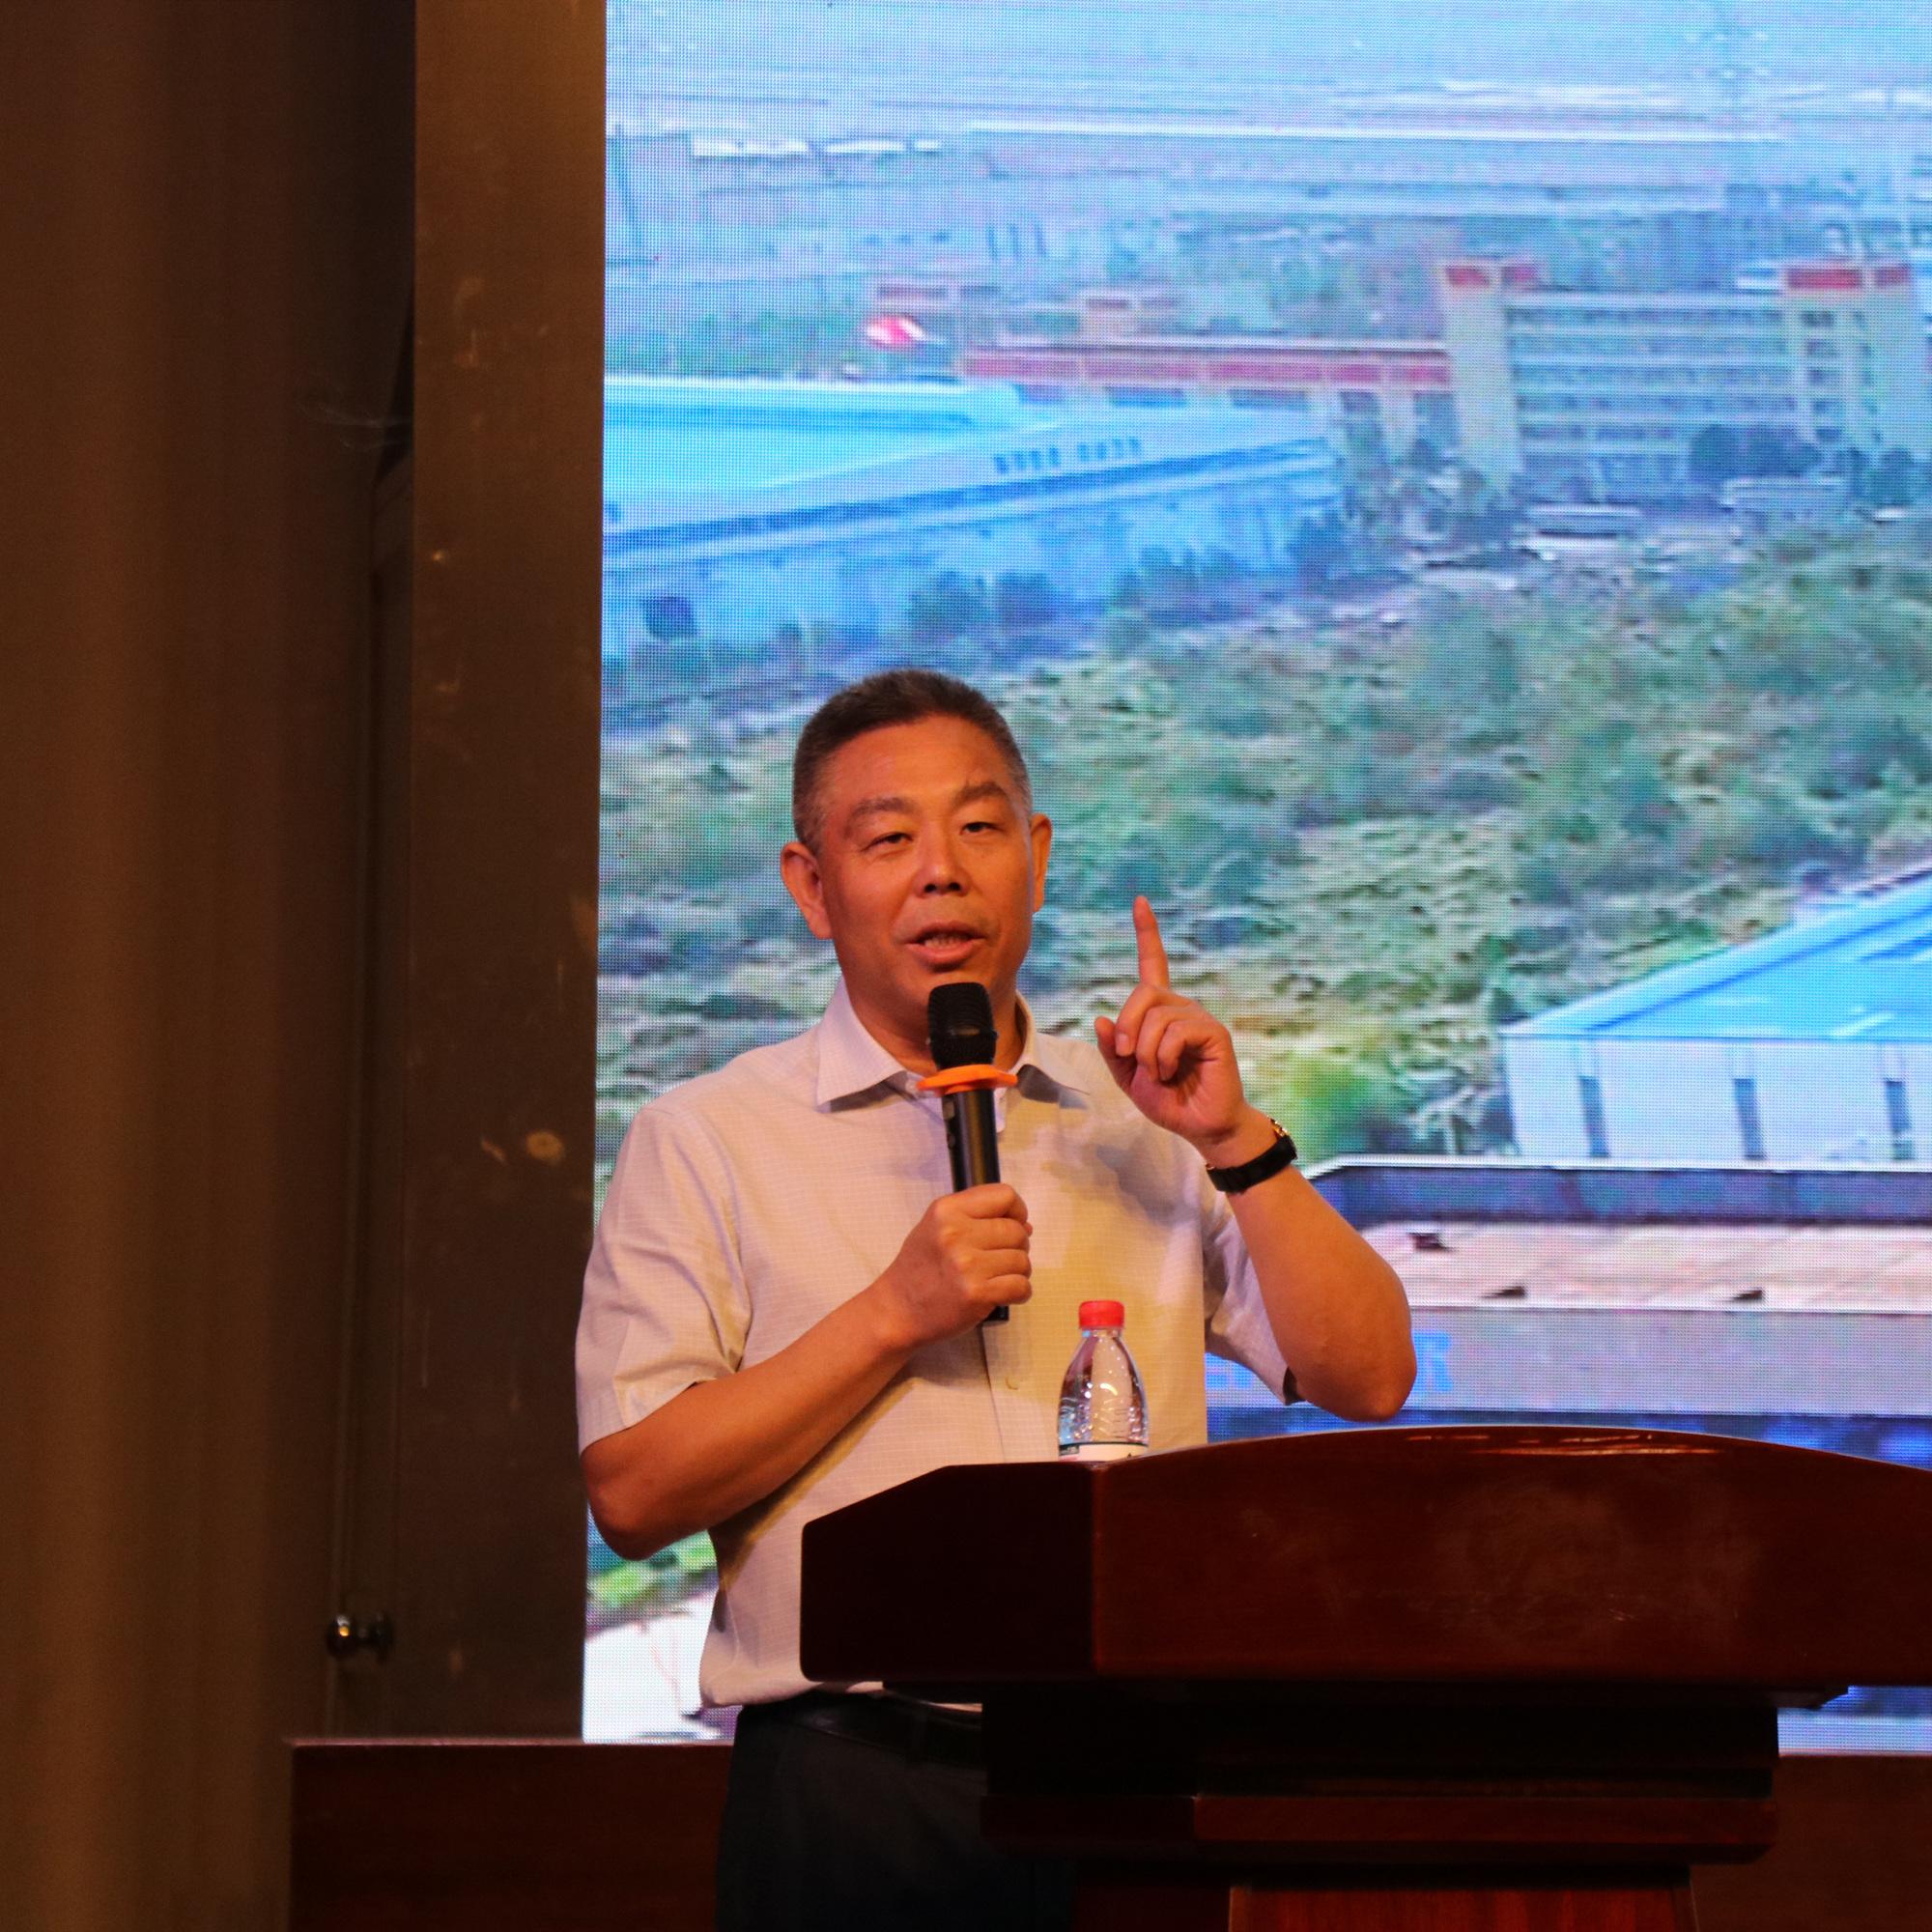 董事长邰正彪受邀出席2019年大学生科技文化节开幕式并发表主题演讲